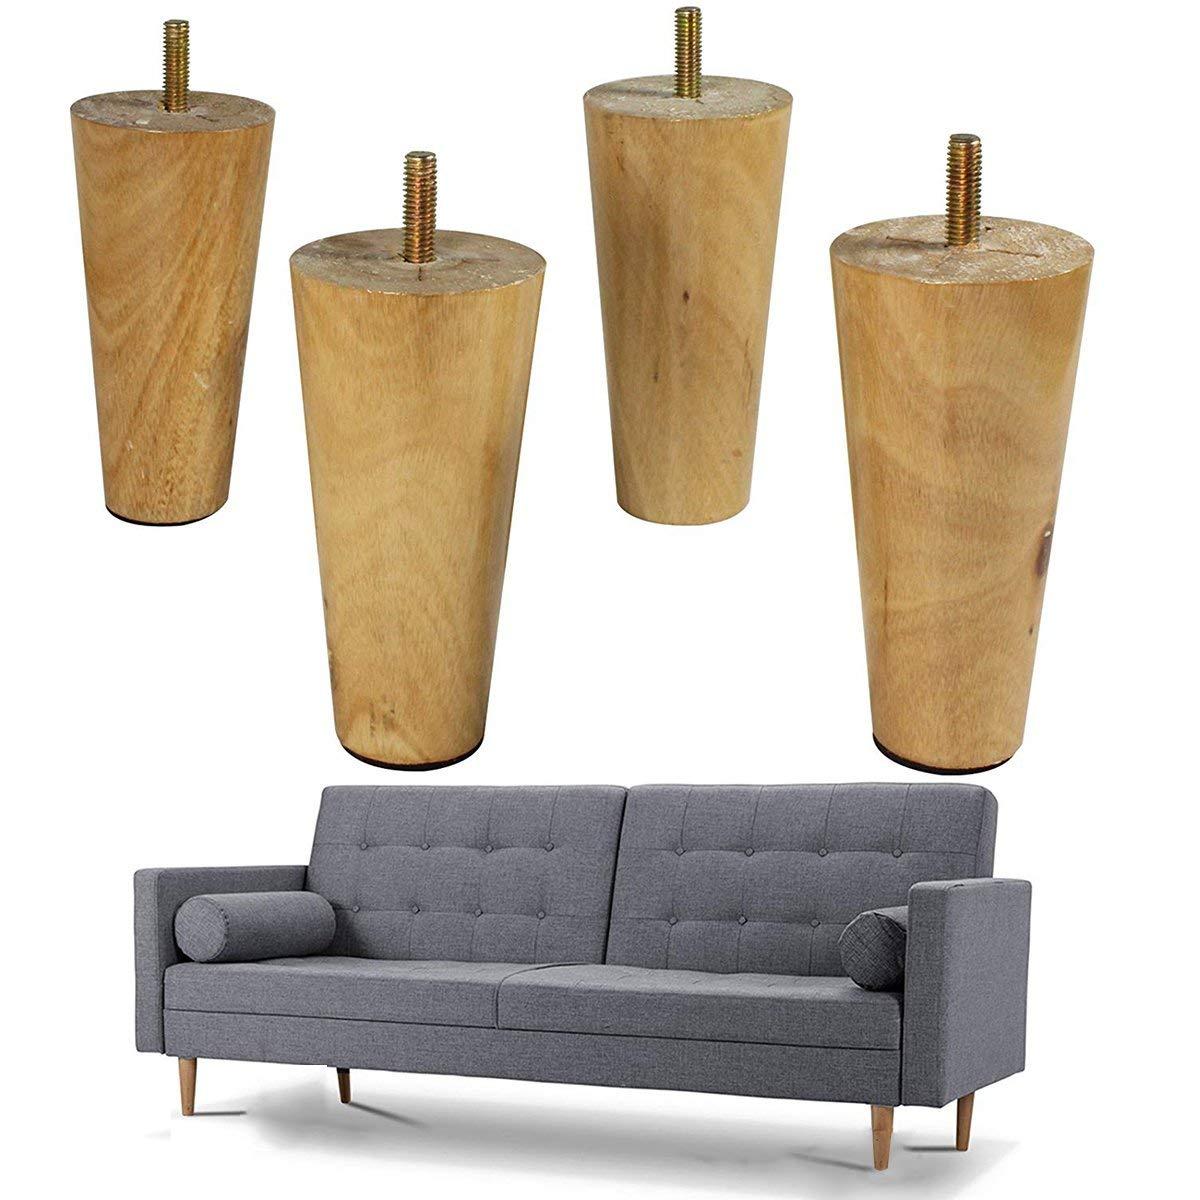 4 Inch Furniture Legs Find